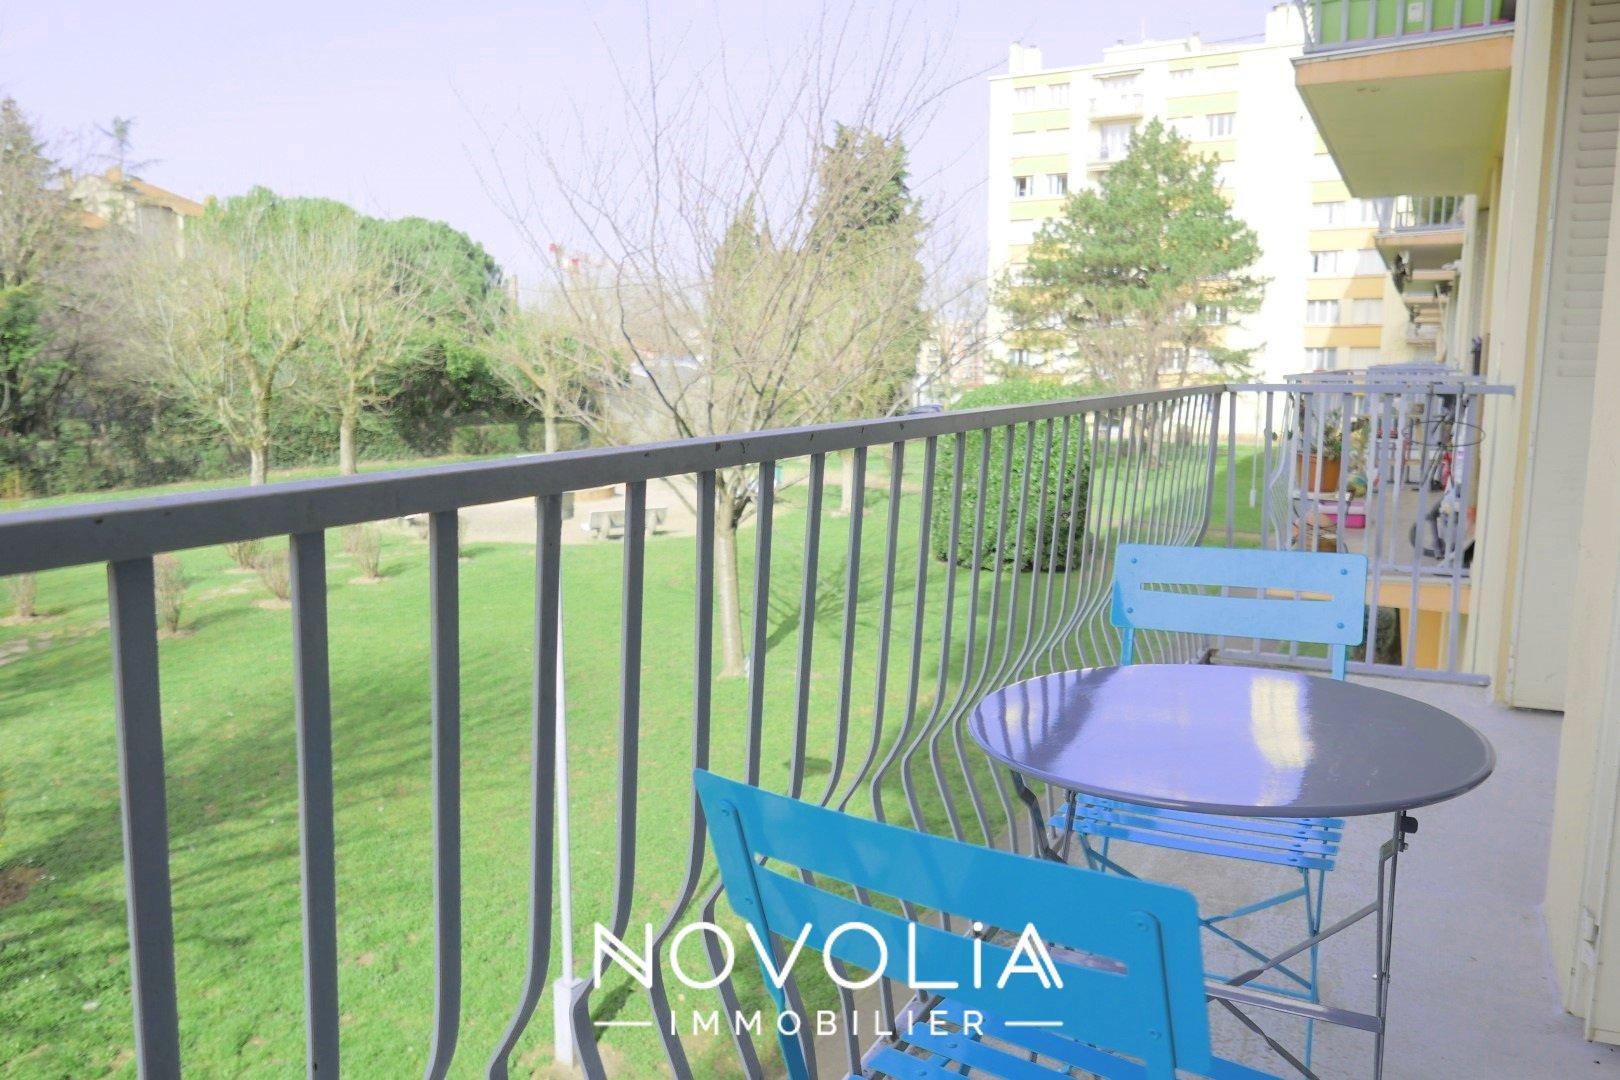 Achat Appartement Surface de 62.51 m²/ Total carrez : 62.33 m², 3 pièces, Villeurbanne (69100)